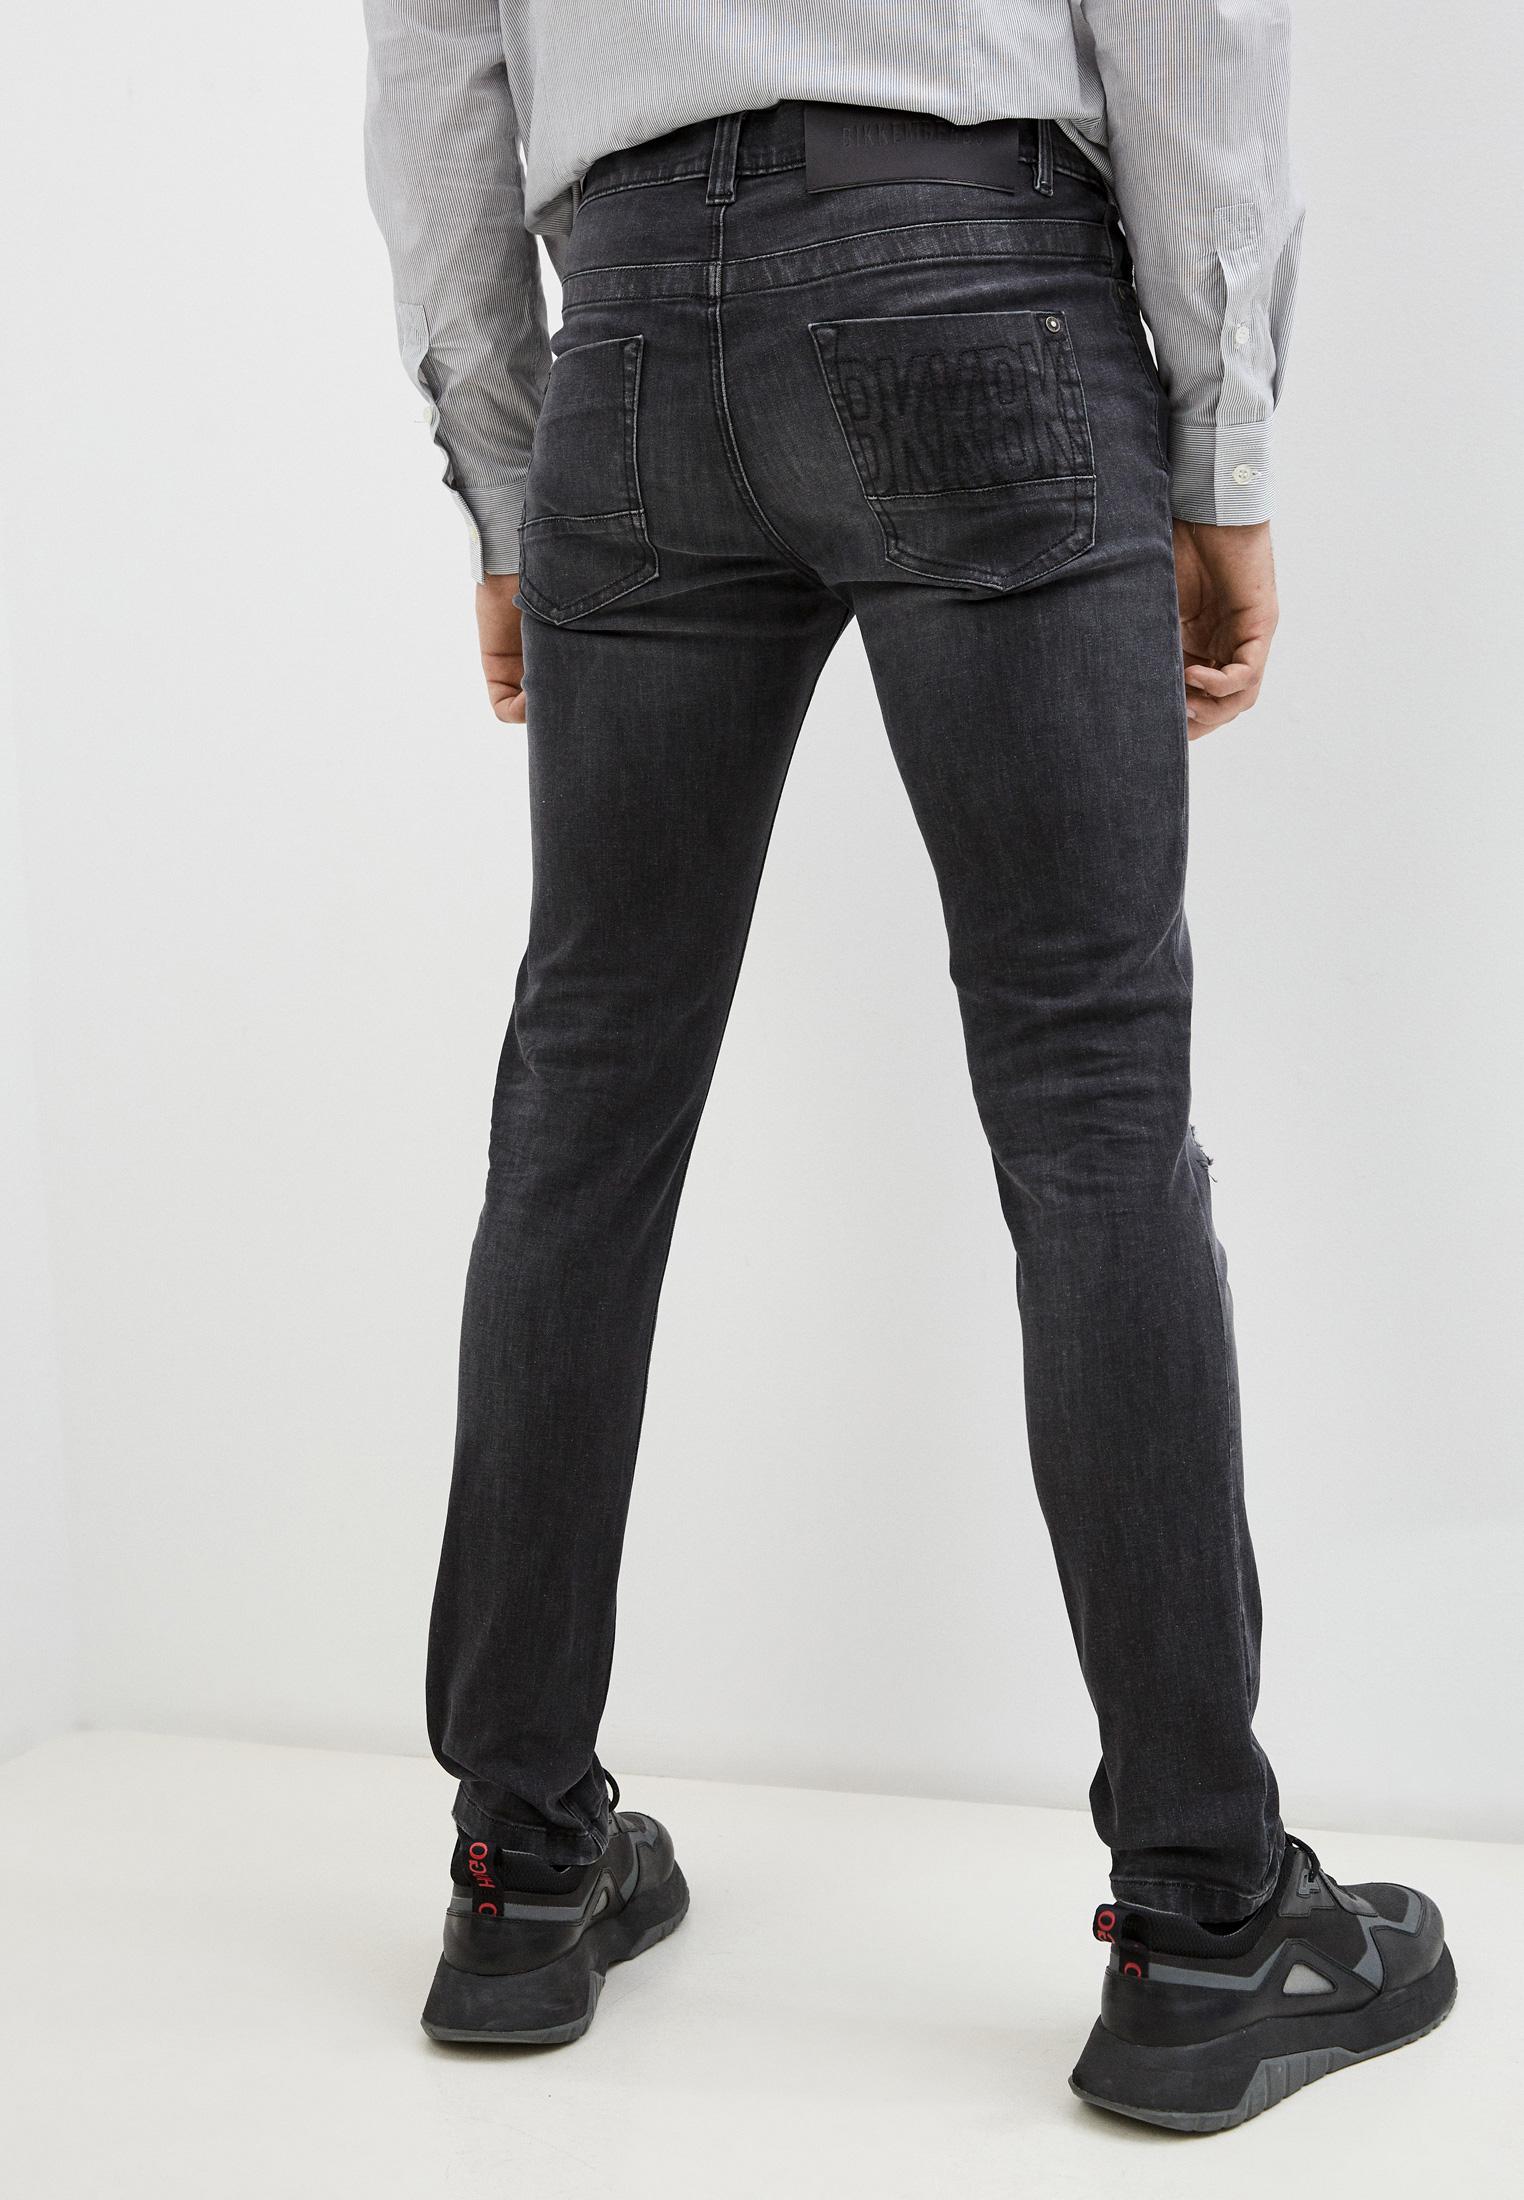 Мужские зауженные джинсы Bikkembergs (Биккембергс) C Q 101 17 S 3446: изображение 14